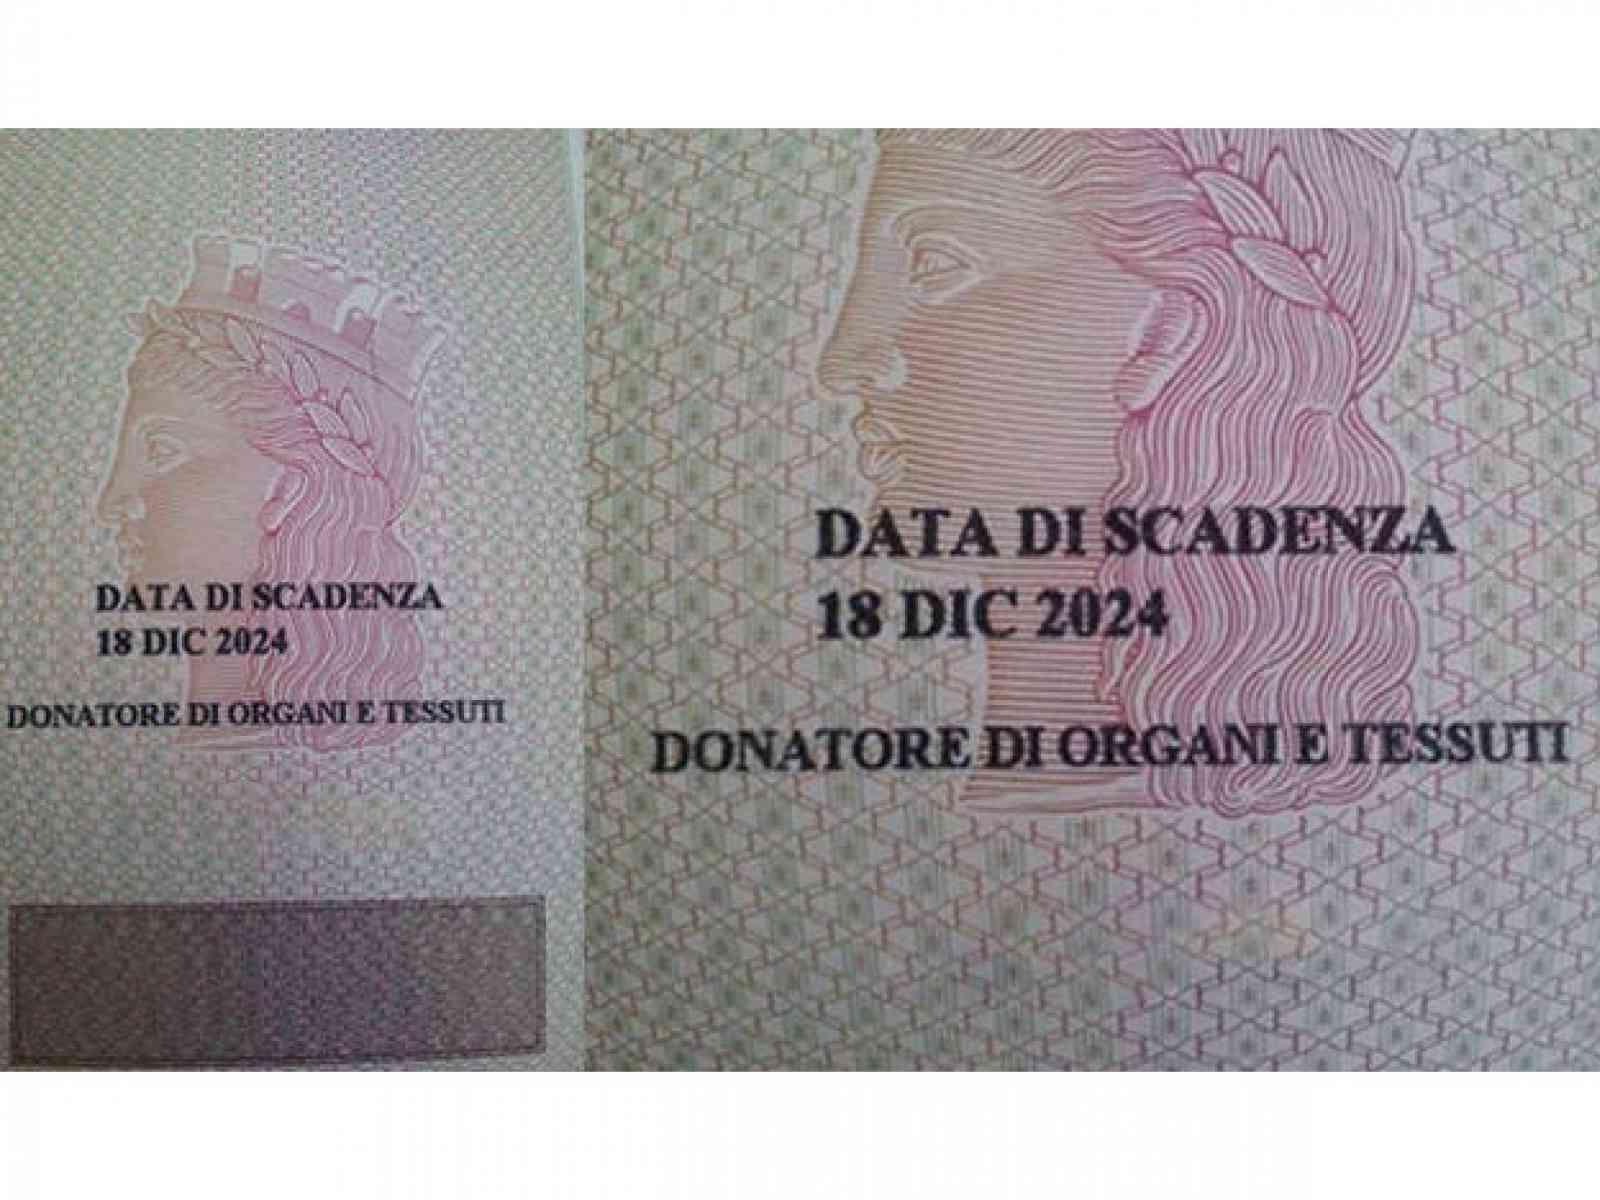 Menfi. Donatore di organi su carta d'identità: adesso si può